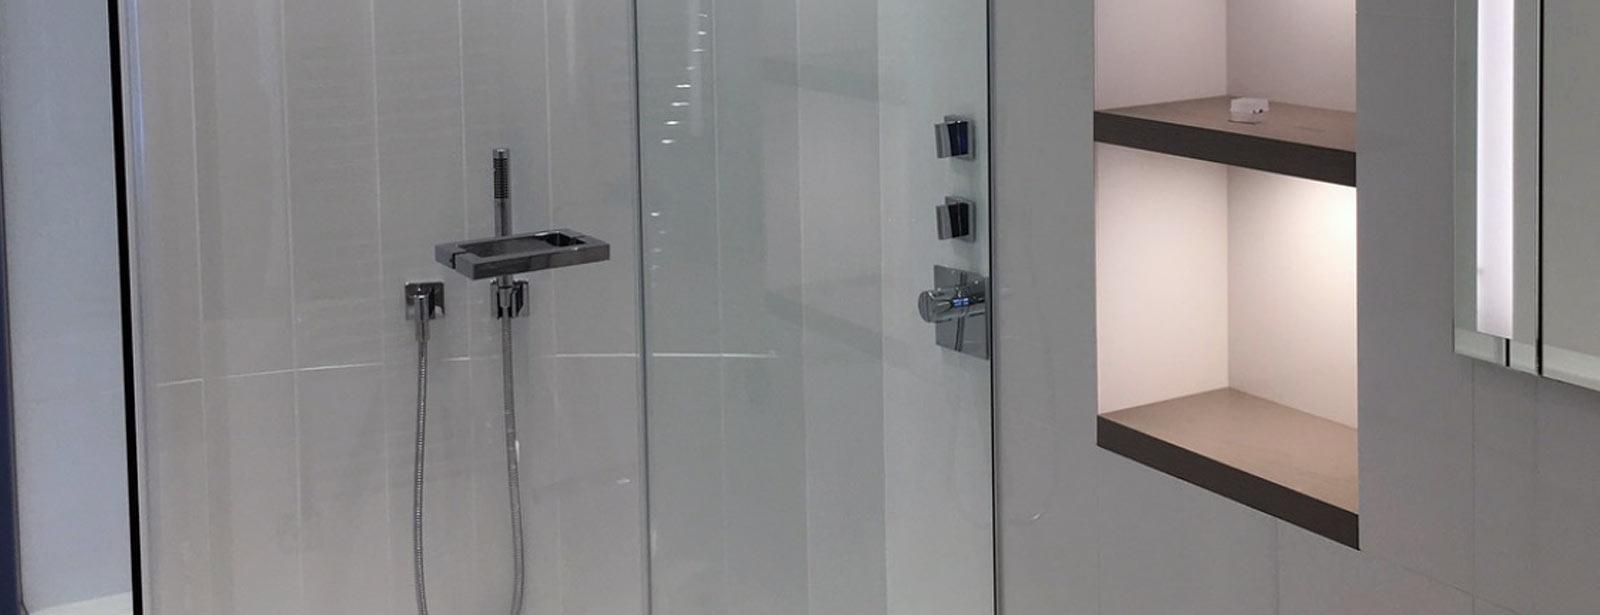 douche l 39 italienne avec mur arrondi eau design. Black Bedroom Furniture Sets. Home Design Ideas